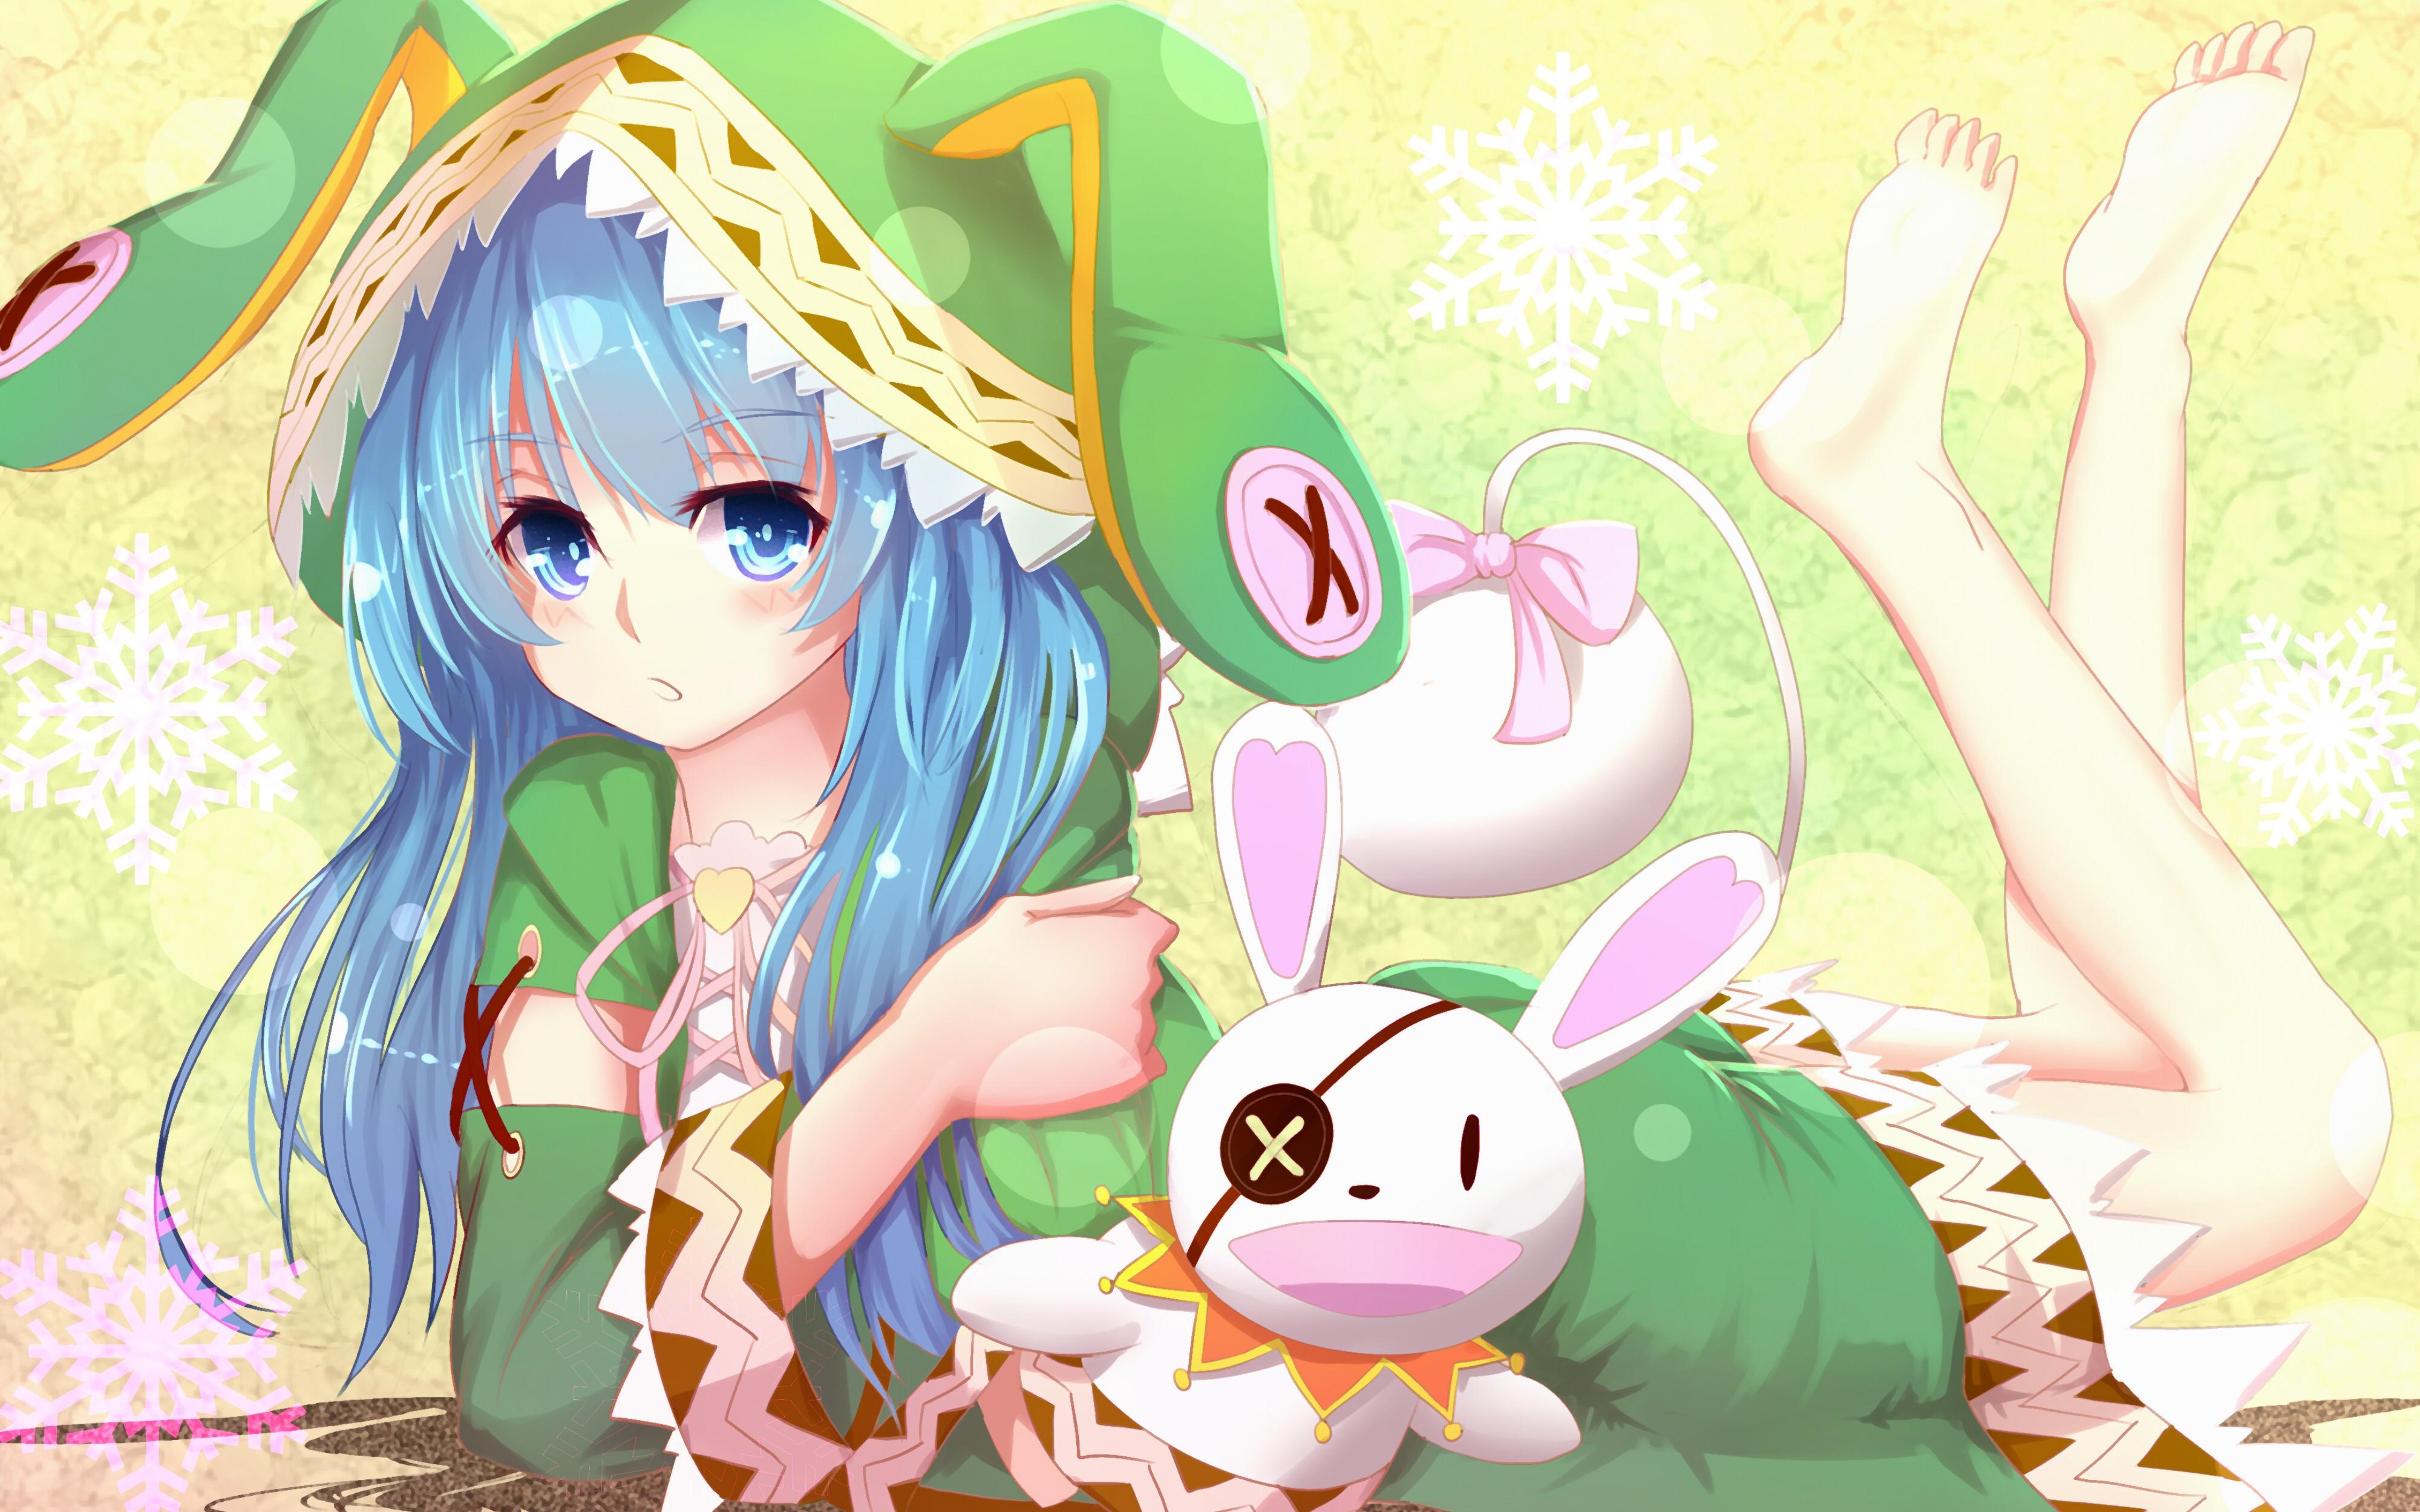 Download 4000x2500 Anime Date A Live Yoshino Yoshinon Wallpapers